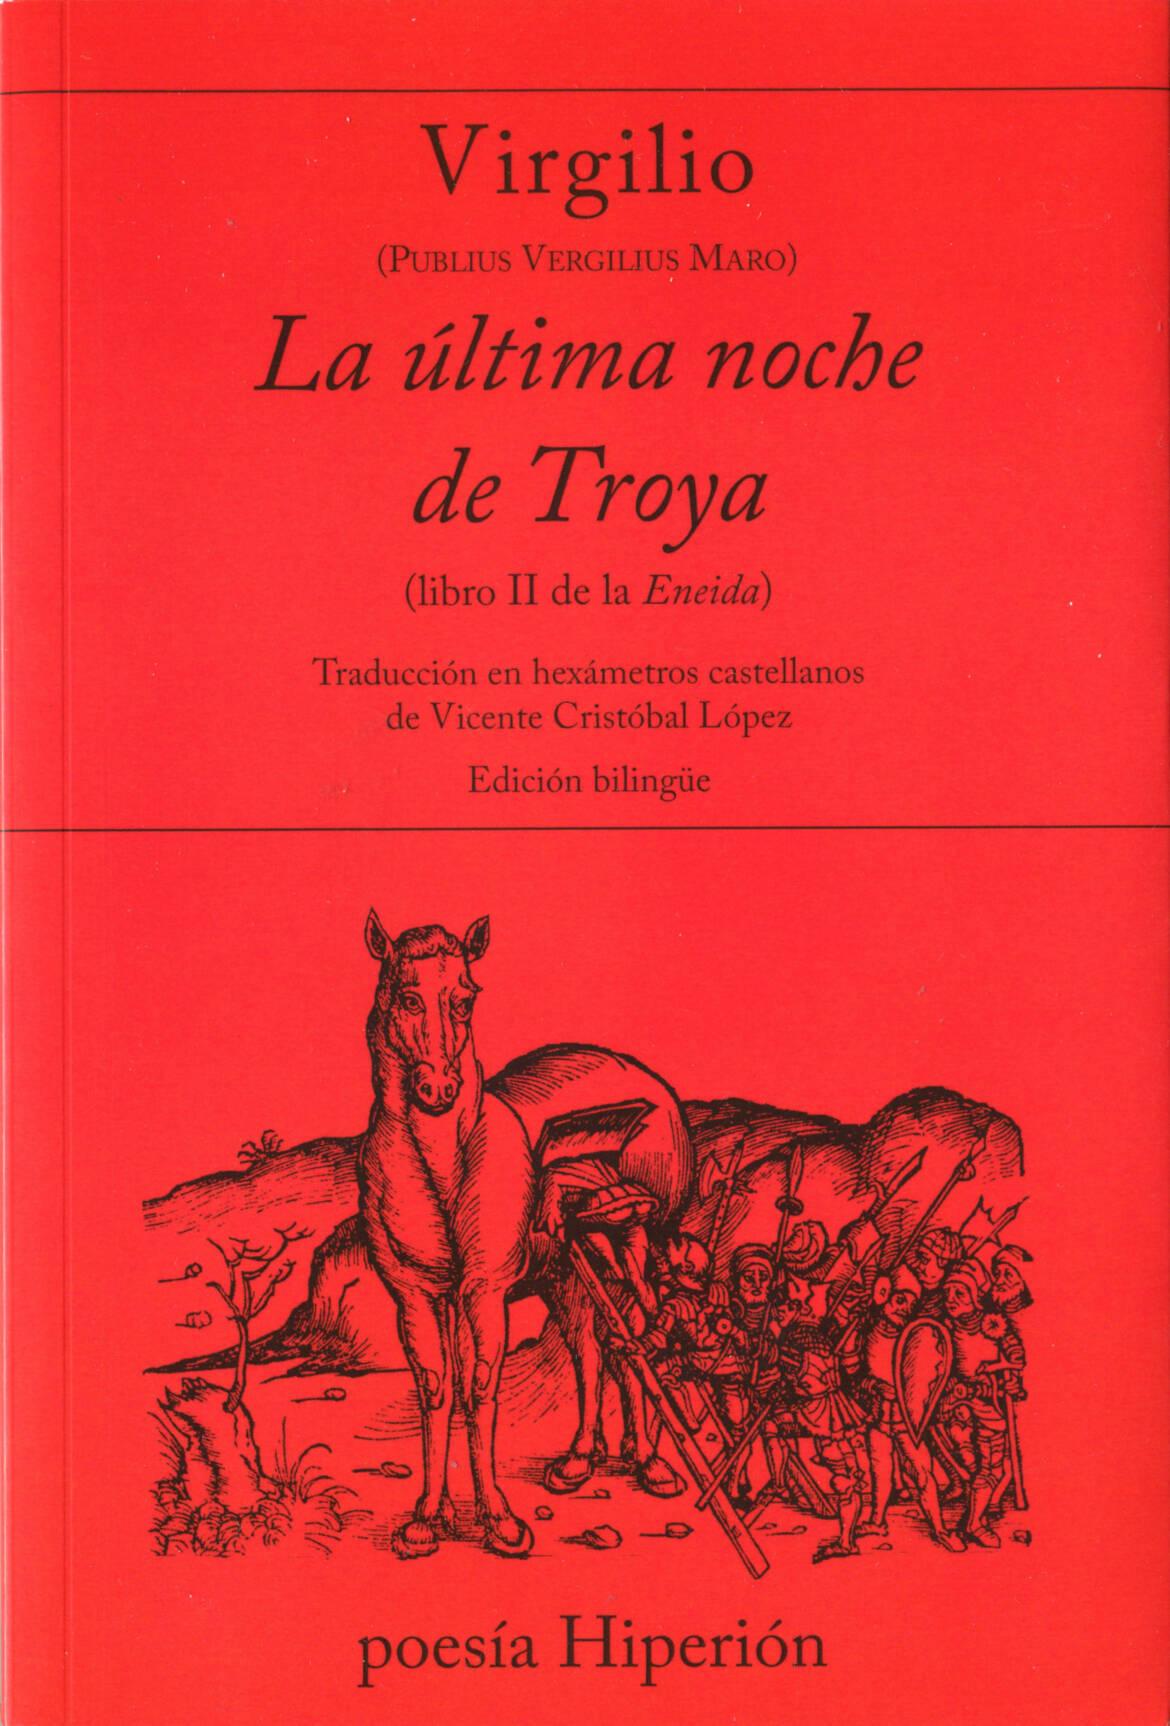 731-virgilio-troya.txiki_.jpg